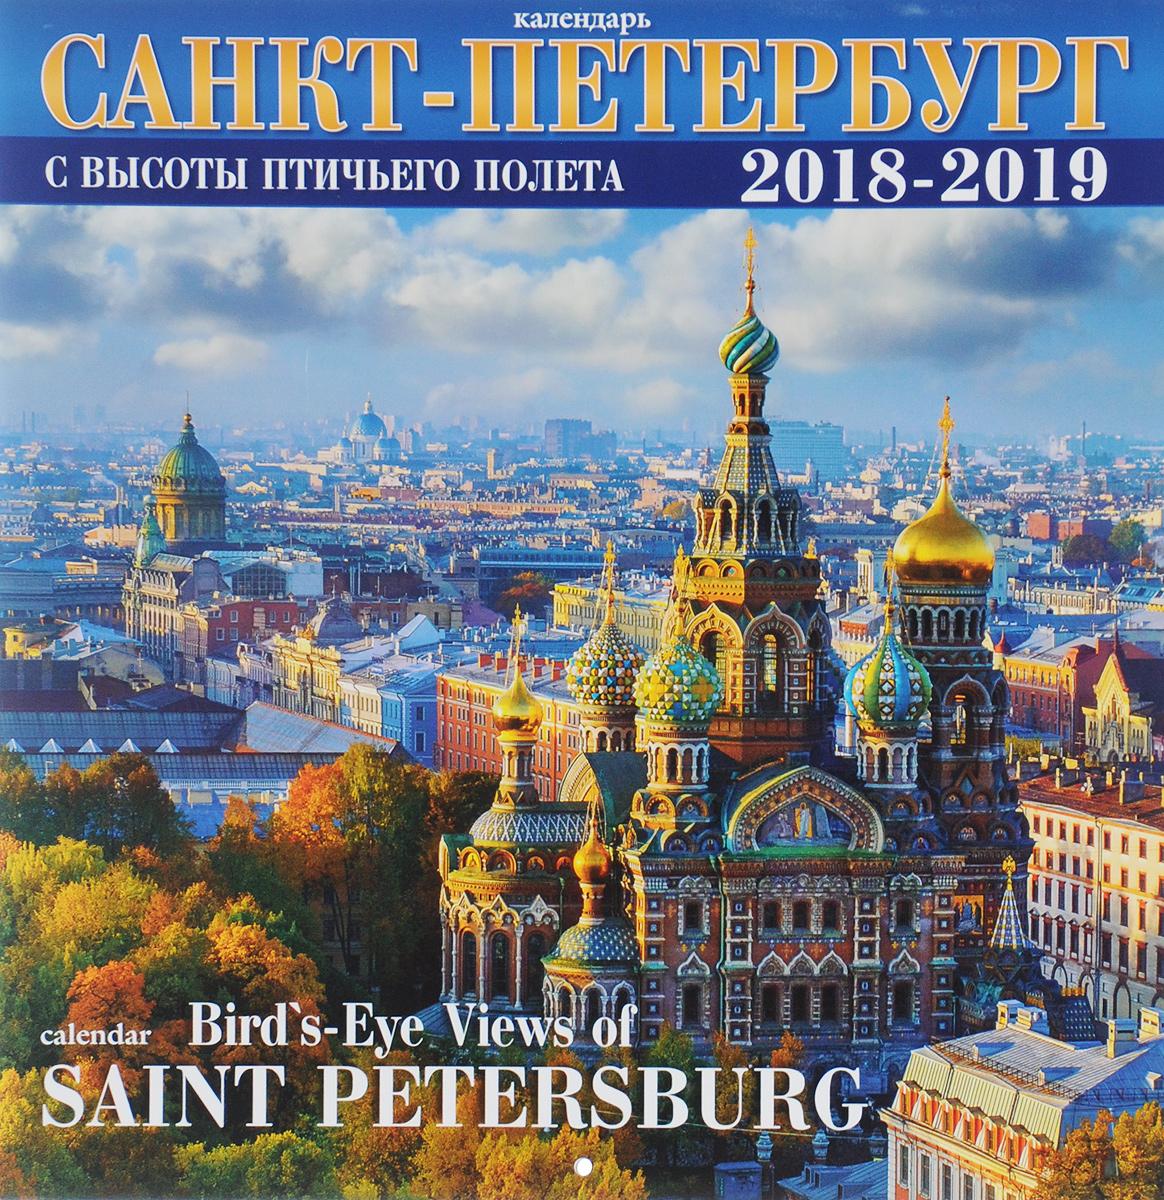 Календарь 2018-2019 (на спирали). Санкт-Петербург с птичьего полета / Bird's-Eye Views of Saint Petersburg: Calendar 2018-2019 korzhevskaya y saint petersburg bird s eye views